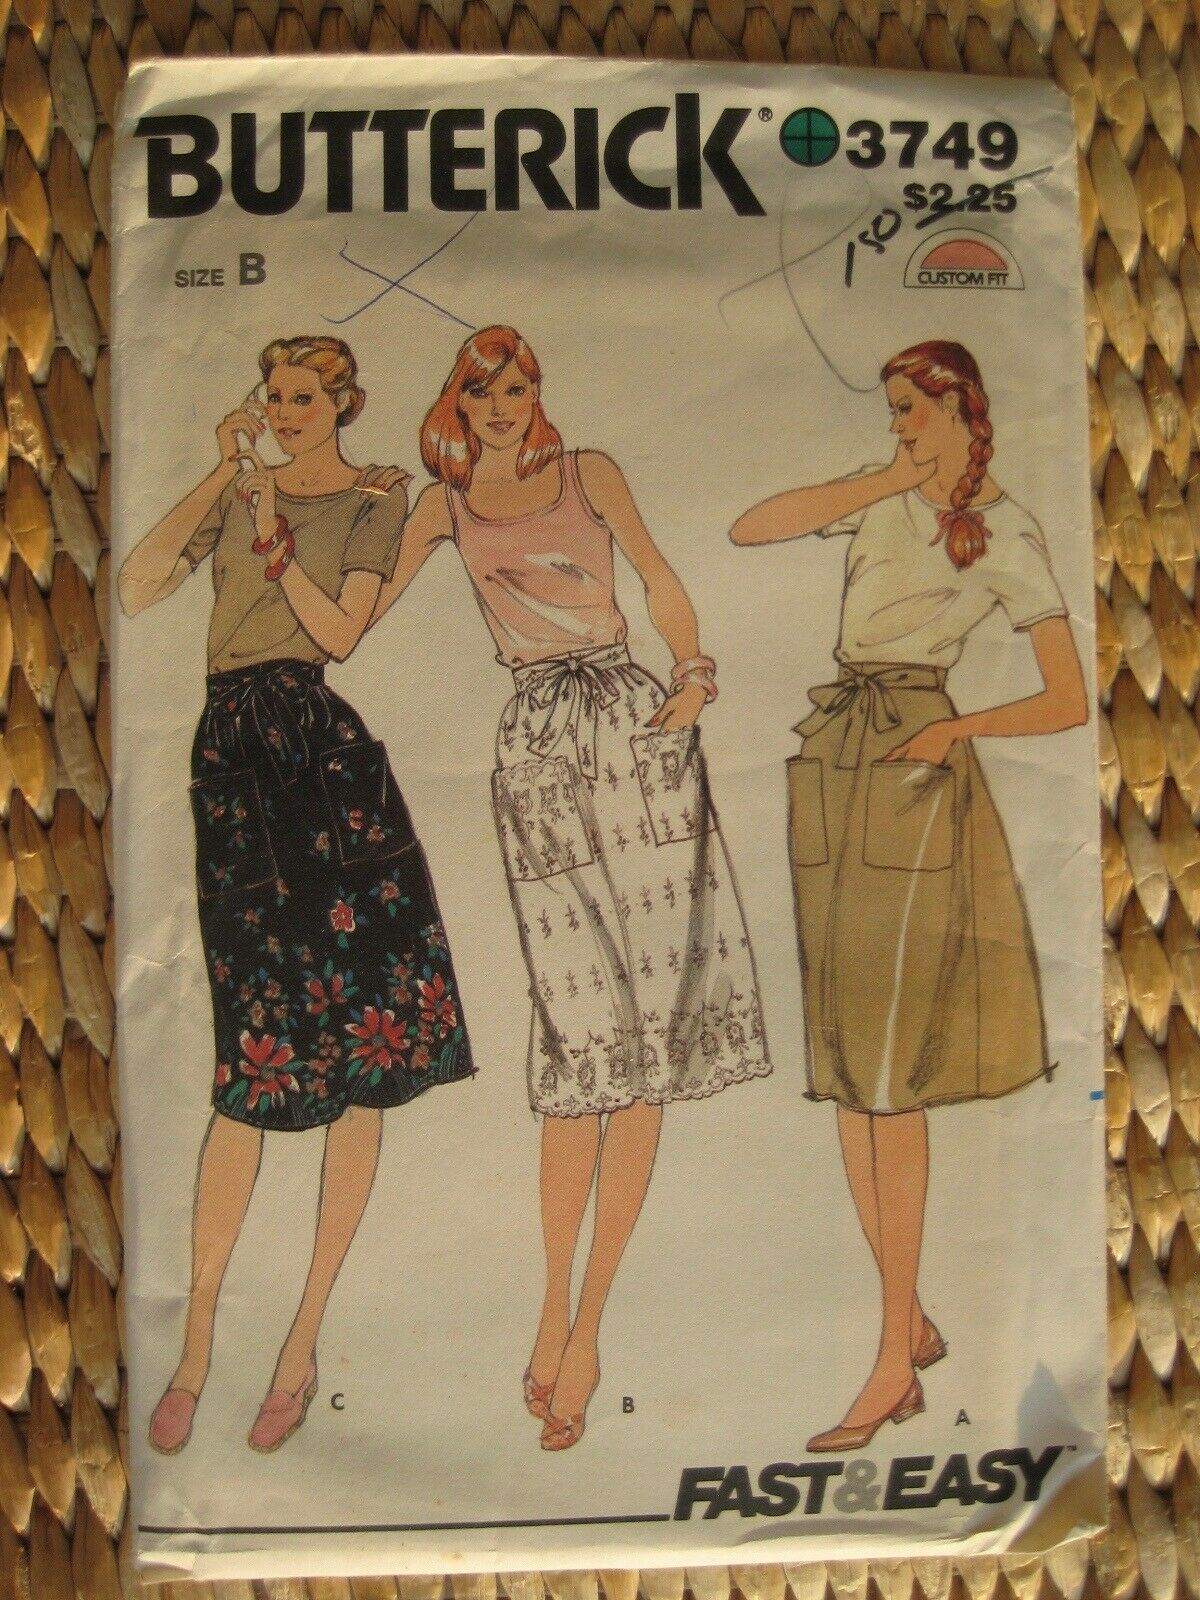 Vintage Butterick Pattern Misses A-Line WRAP Tie SKIRT 3749 Size 10-12-14 UNCUT - $9.00